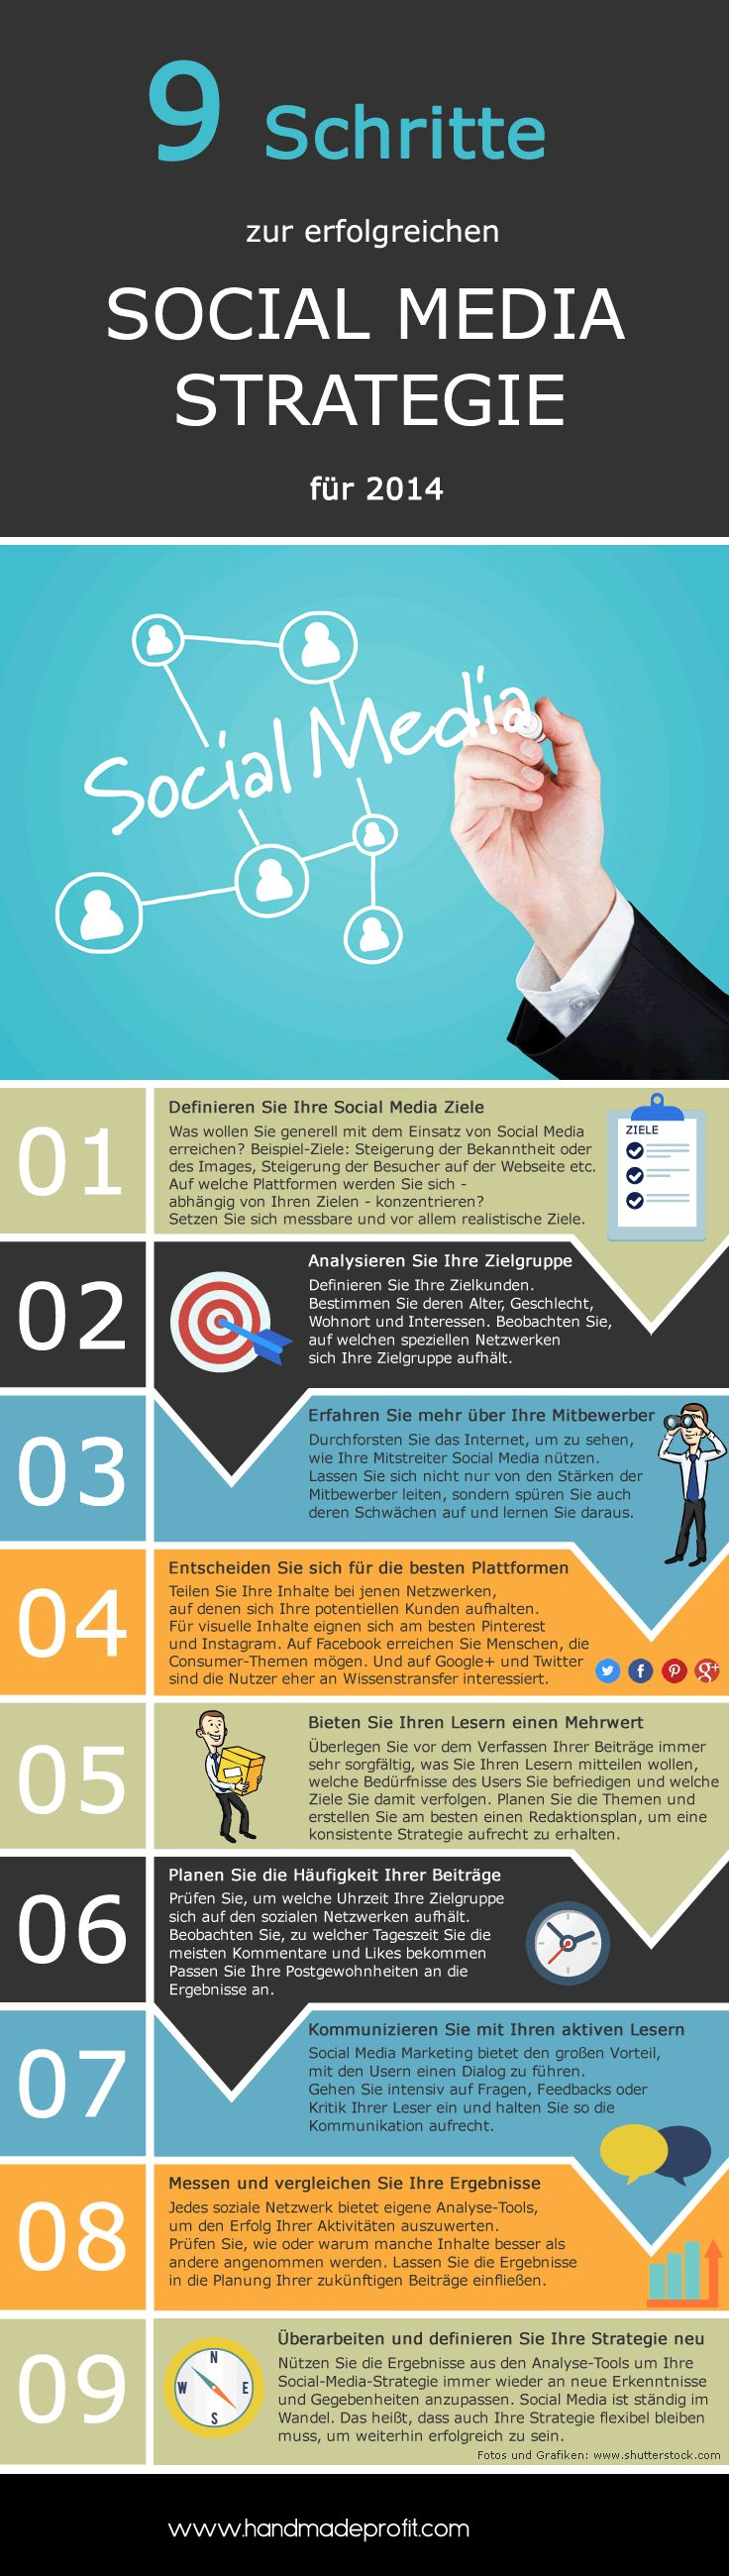 9 Schritte zur erfolgreichen Social Media Strategie - Handmadeprofit.com